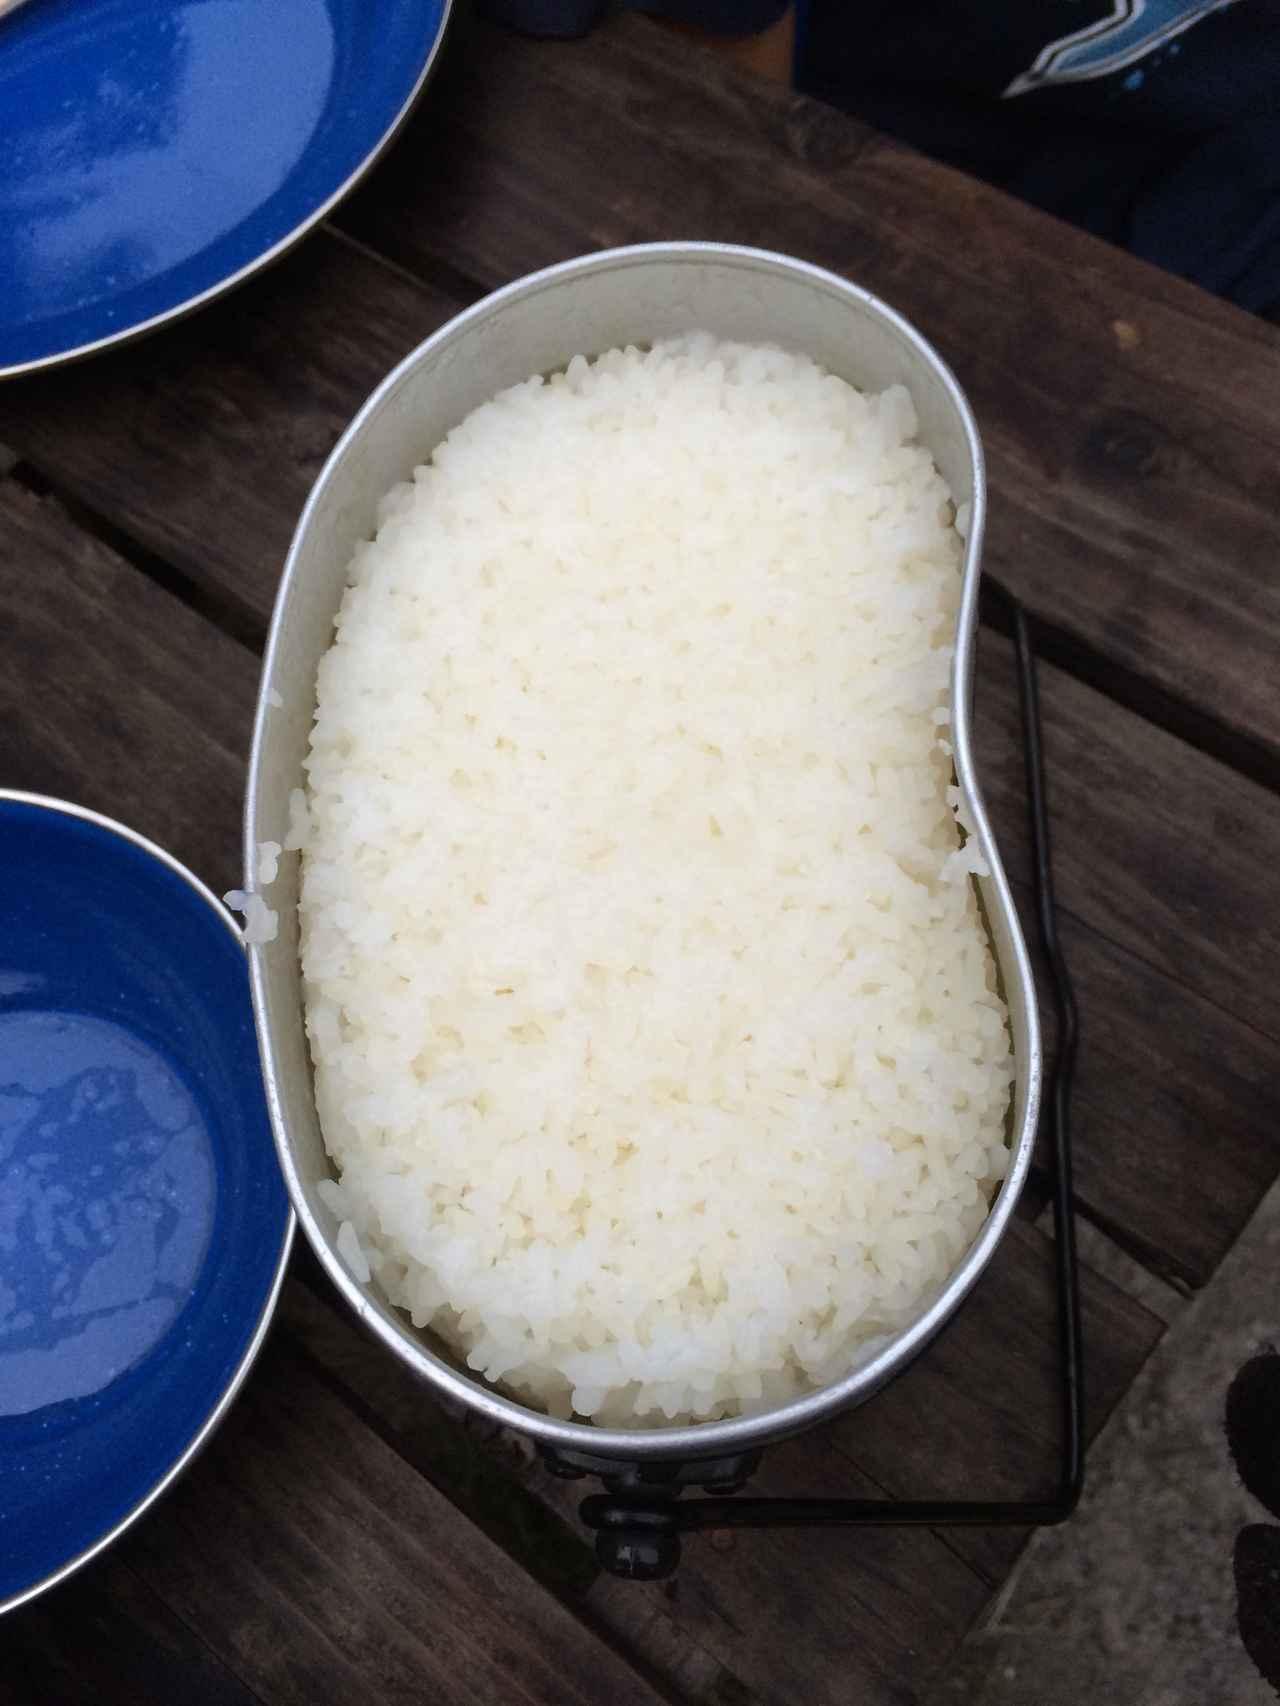 画像: シェラカップ以外にもメスティンや土鍋で炊く方法も! キャンプ・アウトドアでの炊飯方法を紹介!